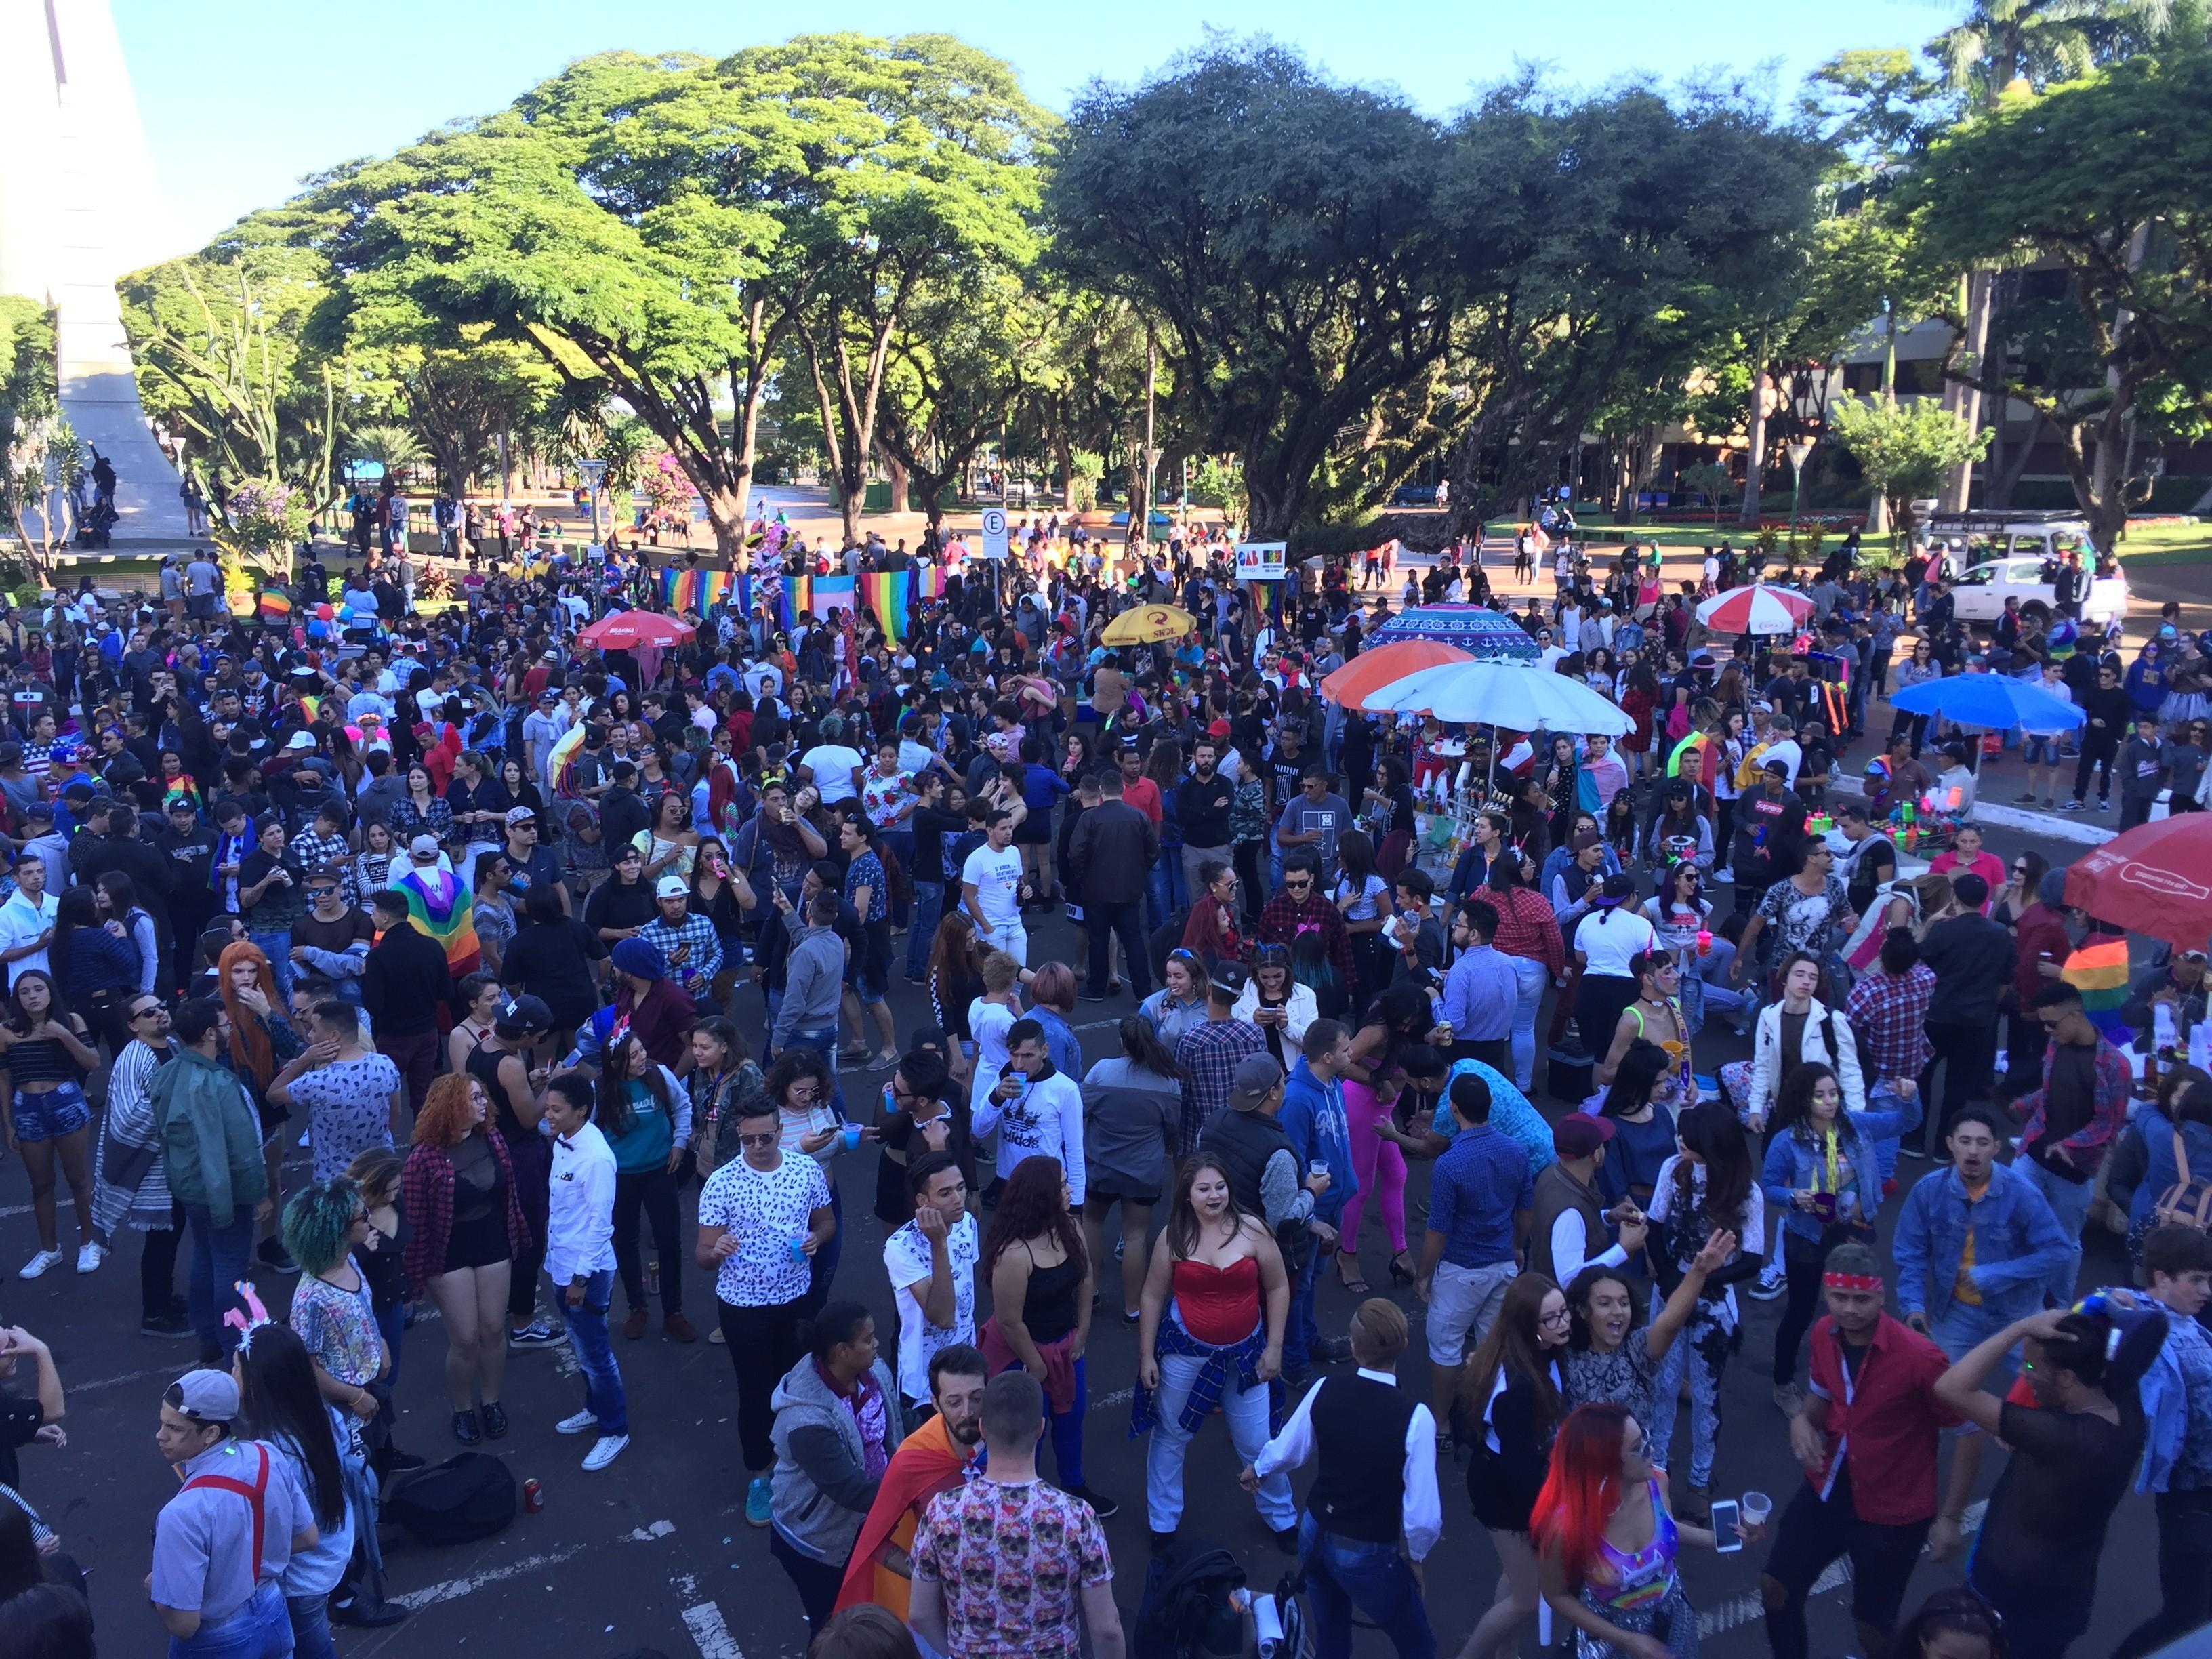 Parada conscientiza sobre direitos LGBT e política